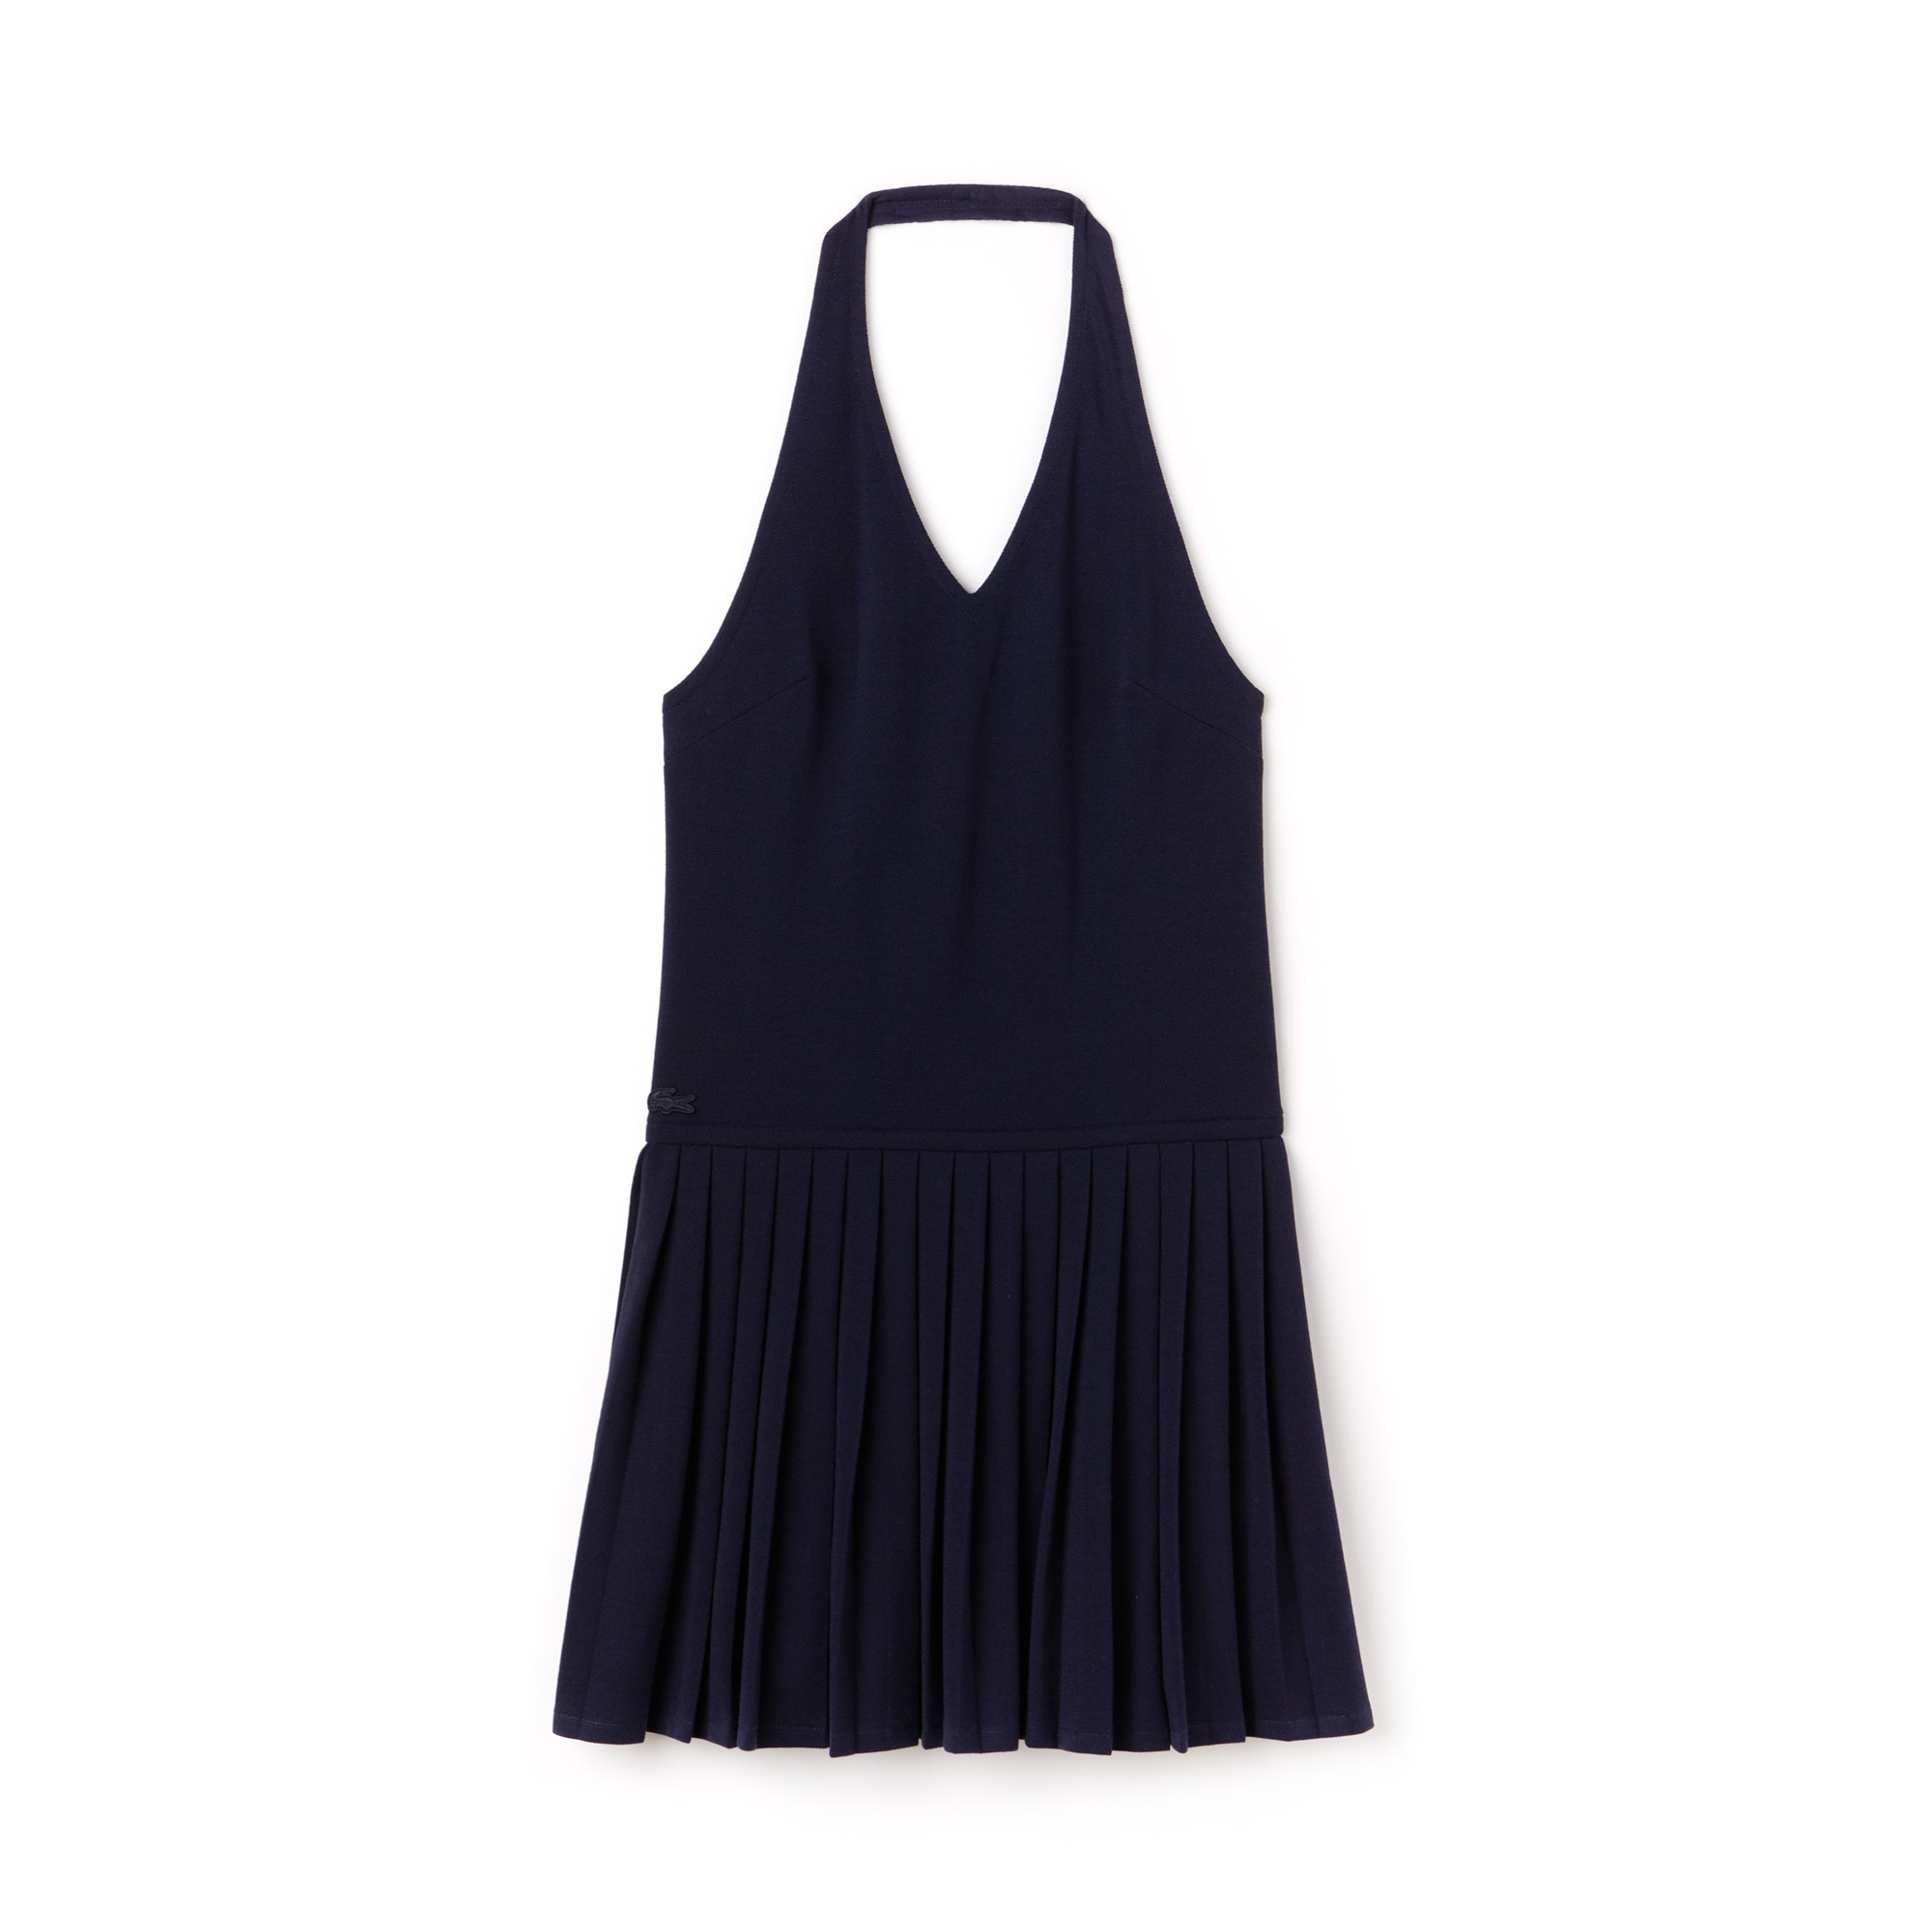 Vestido Espalda Desnuda De Petit Piqué Edición Limitada Aniversario 85 Años